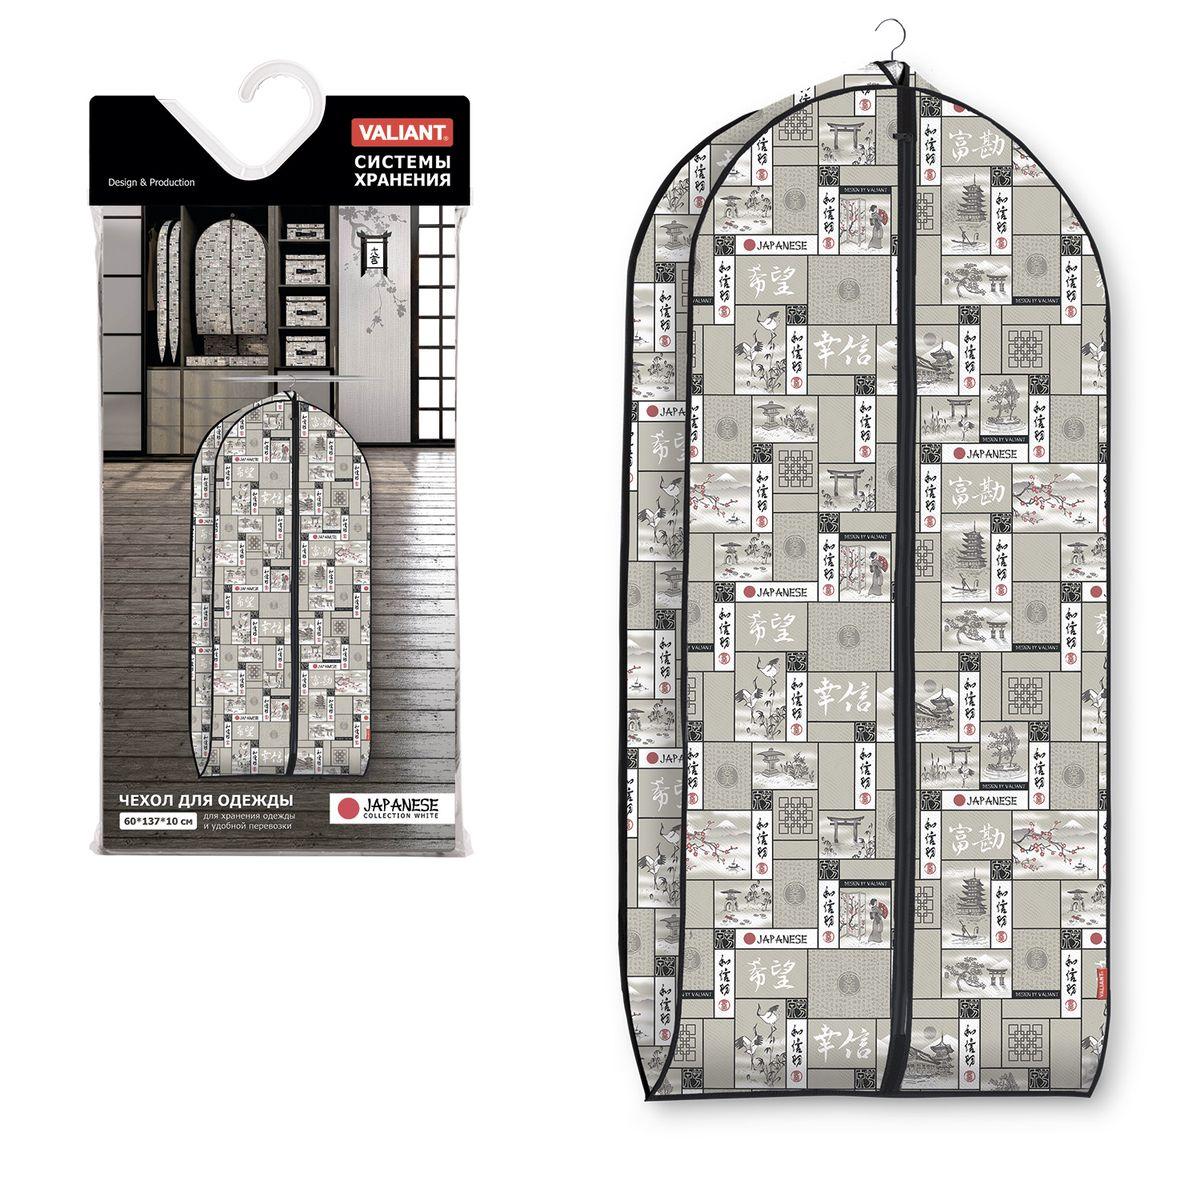 Чехол для одежды Valiant Japanese Black, объемный, 60 х 137 х 10 смJB-CV-137Чехол для одежды Valiant Japanese Black изготовлен из высококачественного нетканого материала (спанбонда), который обеспечивает естественную вентиляцию, позволяя воздуху проникать внутрь, но не пропускает пыль. Чехол очень удобен в использовании. Наличие боковой вставки увеличивает объем чехла, что позволяет хранить крупные объемные вещи. Чехол легко открывается и закрывается застежкой-молнией. Идеально подойдет для хранения одежды и удобной перевозки. Система хранения Japanese Black создаст трогательную атмосферу романтического настроения в женском гардеробе. Оригинальный дизайн придется по вкусу ценительницам эстетичного хранения. Системы хранения в едином дизайне сделают вашу гардеробную изысканной и невероятно стильной.